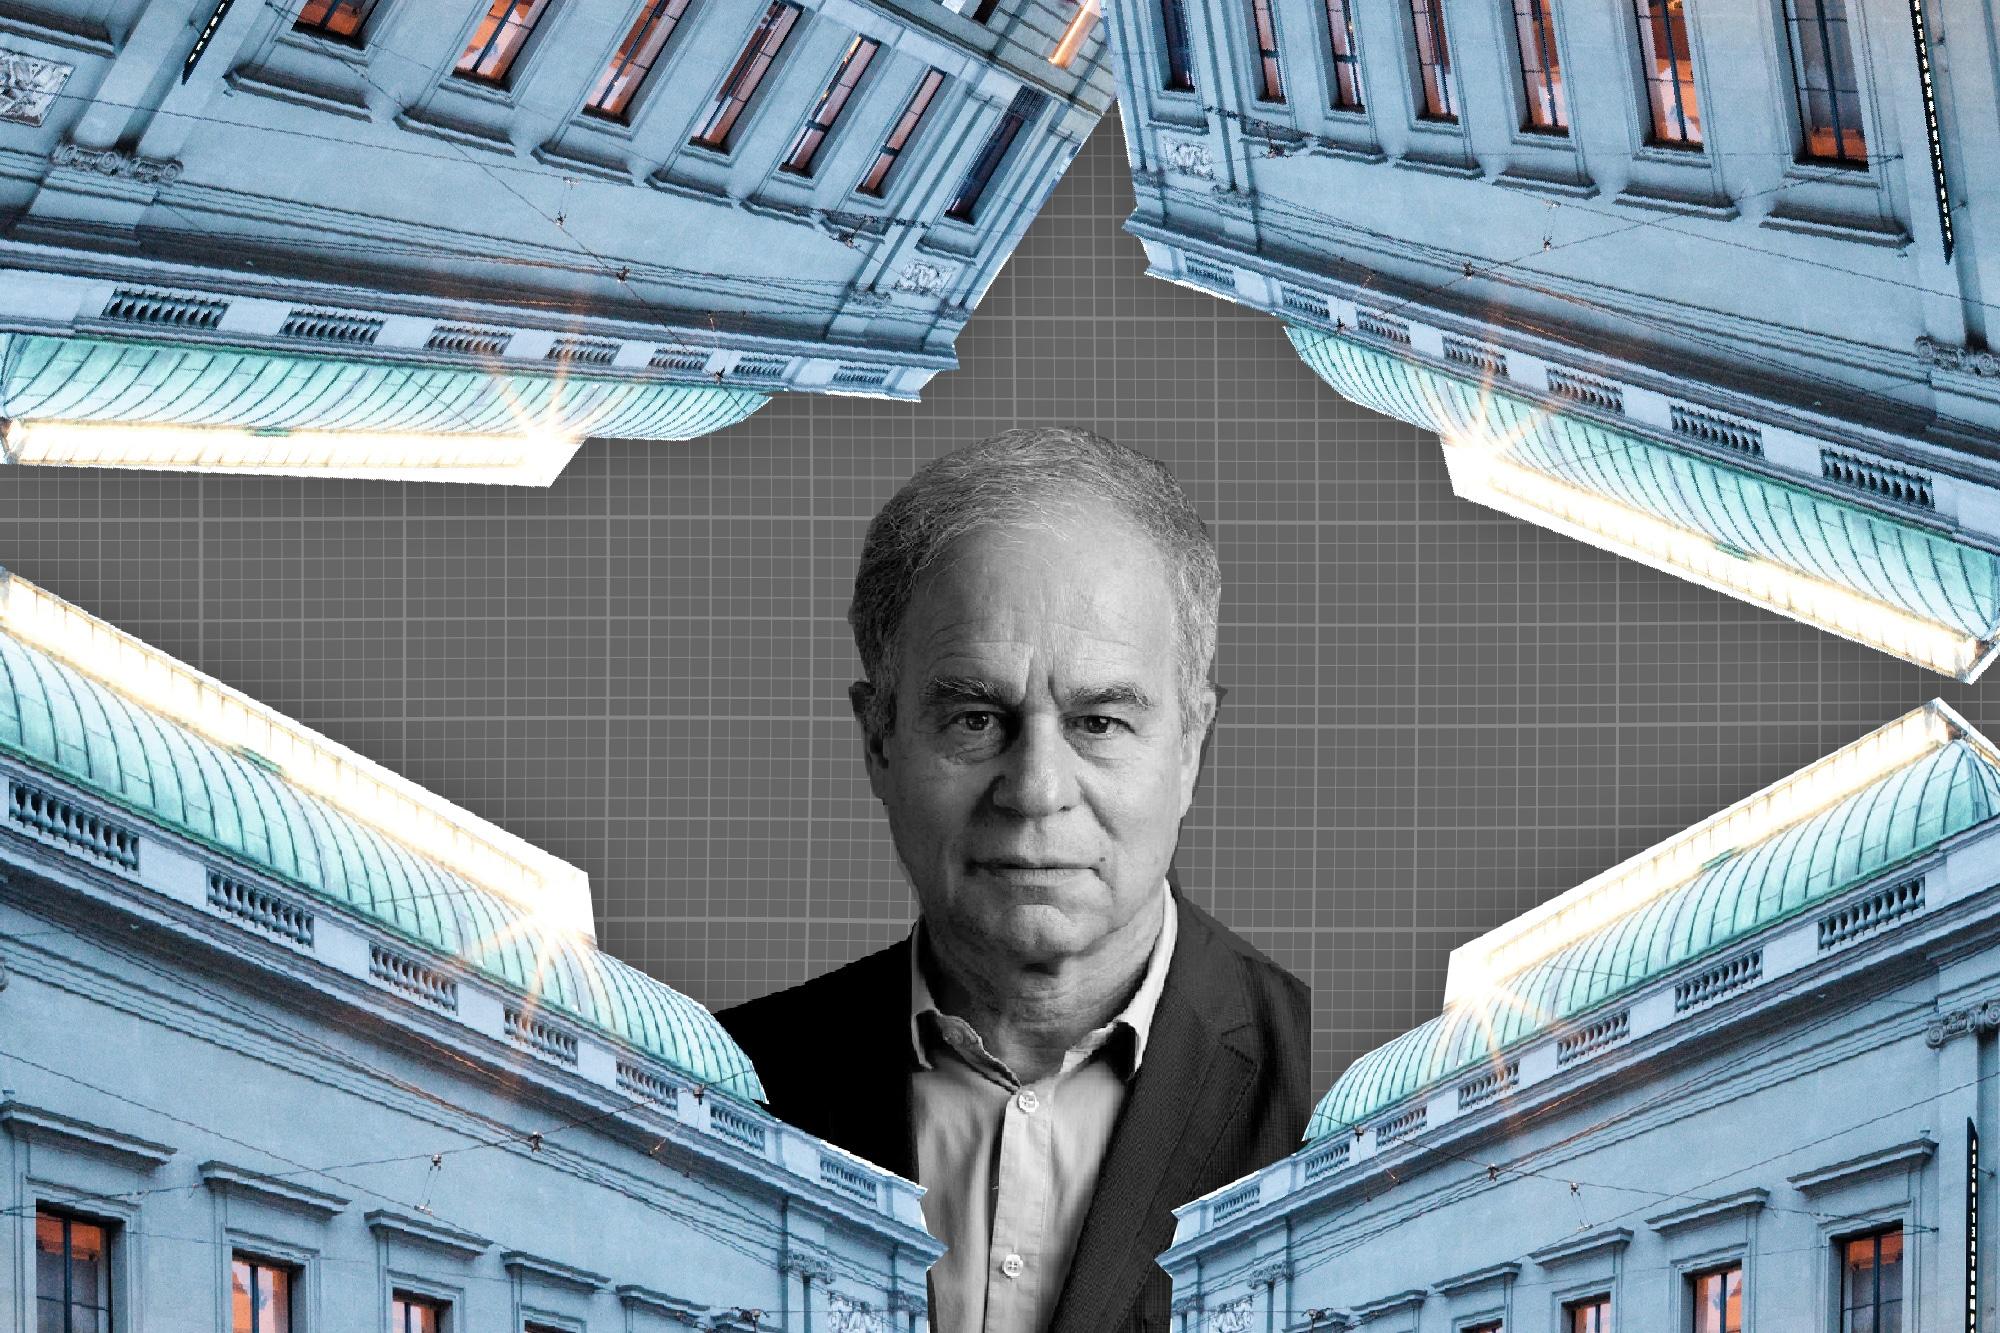 Eine Architekturhauptstadt ohne Architekturmuseum: Geht nicht, findet Pierre de Meuron